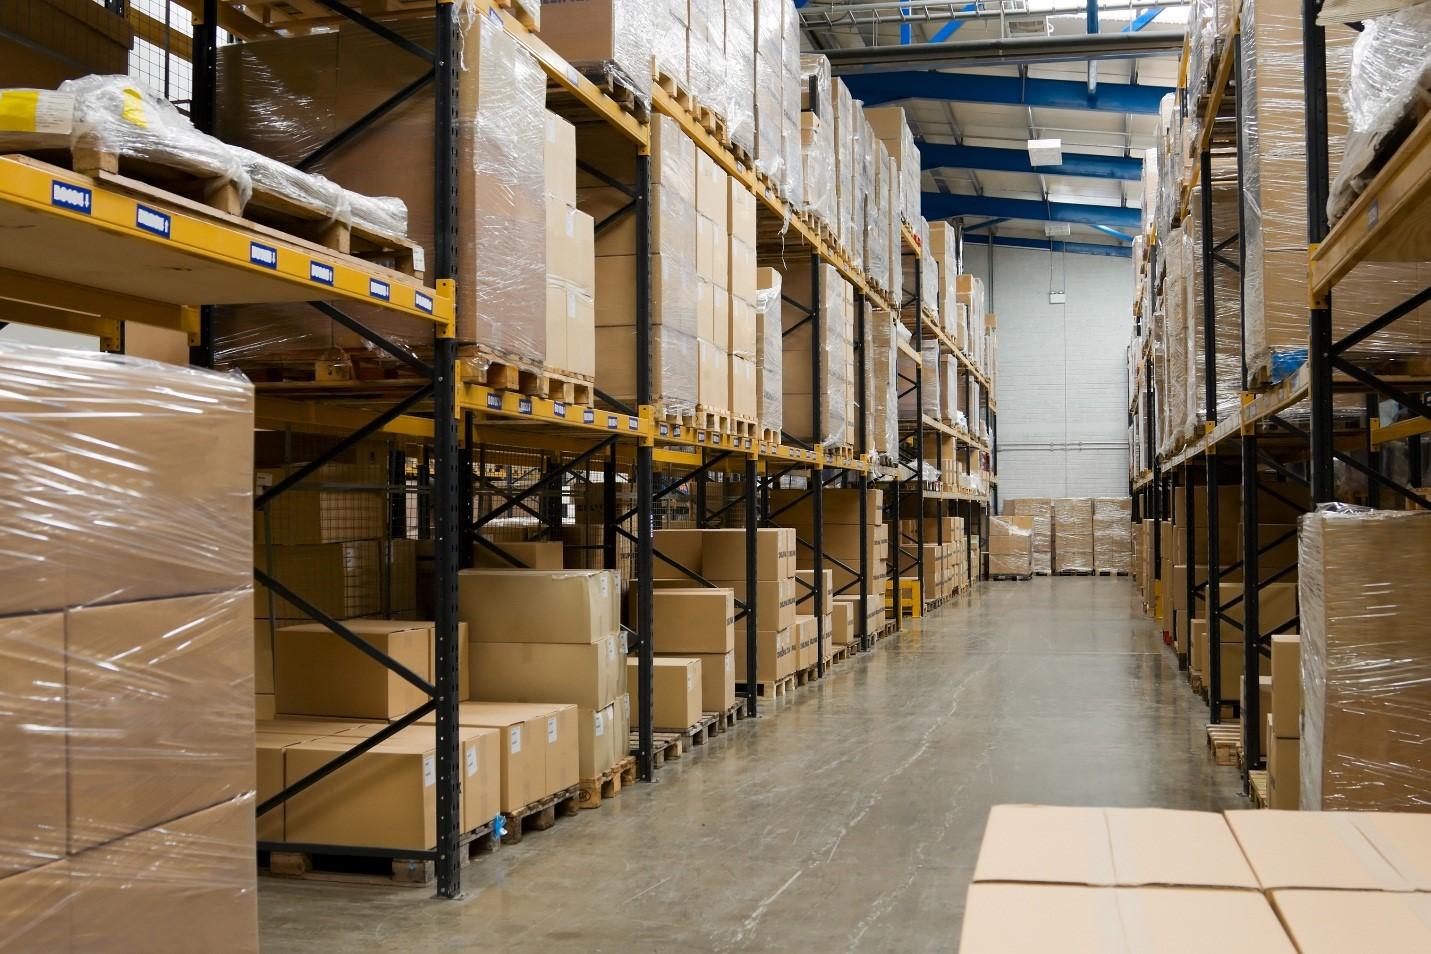 Sfaturi utile pentru impiedicarea furturilor din depozitele comerciale